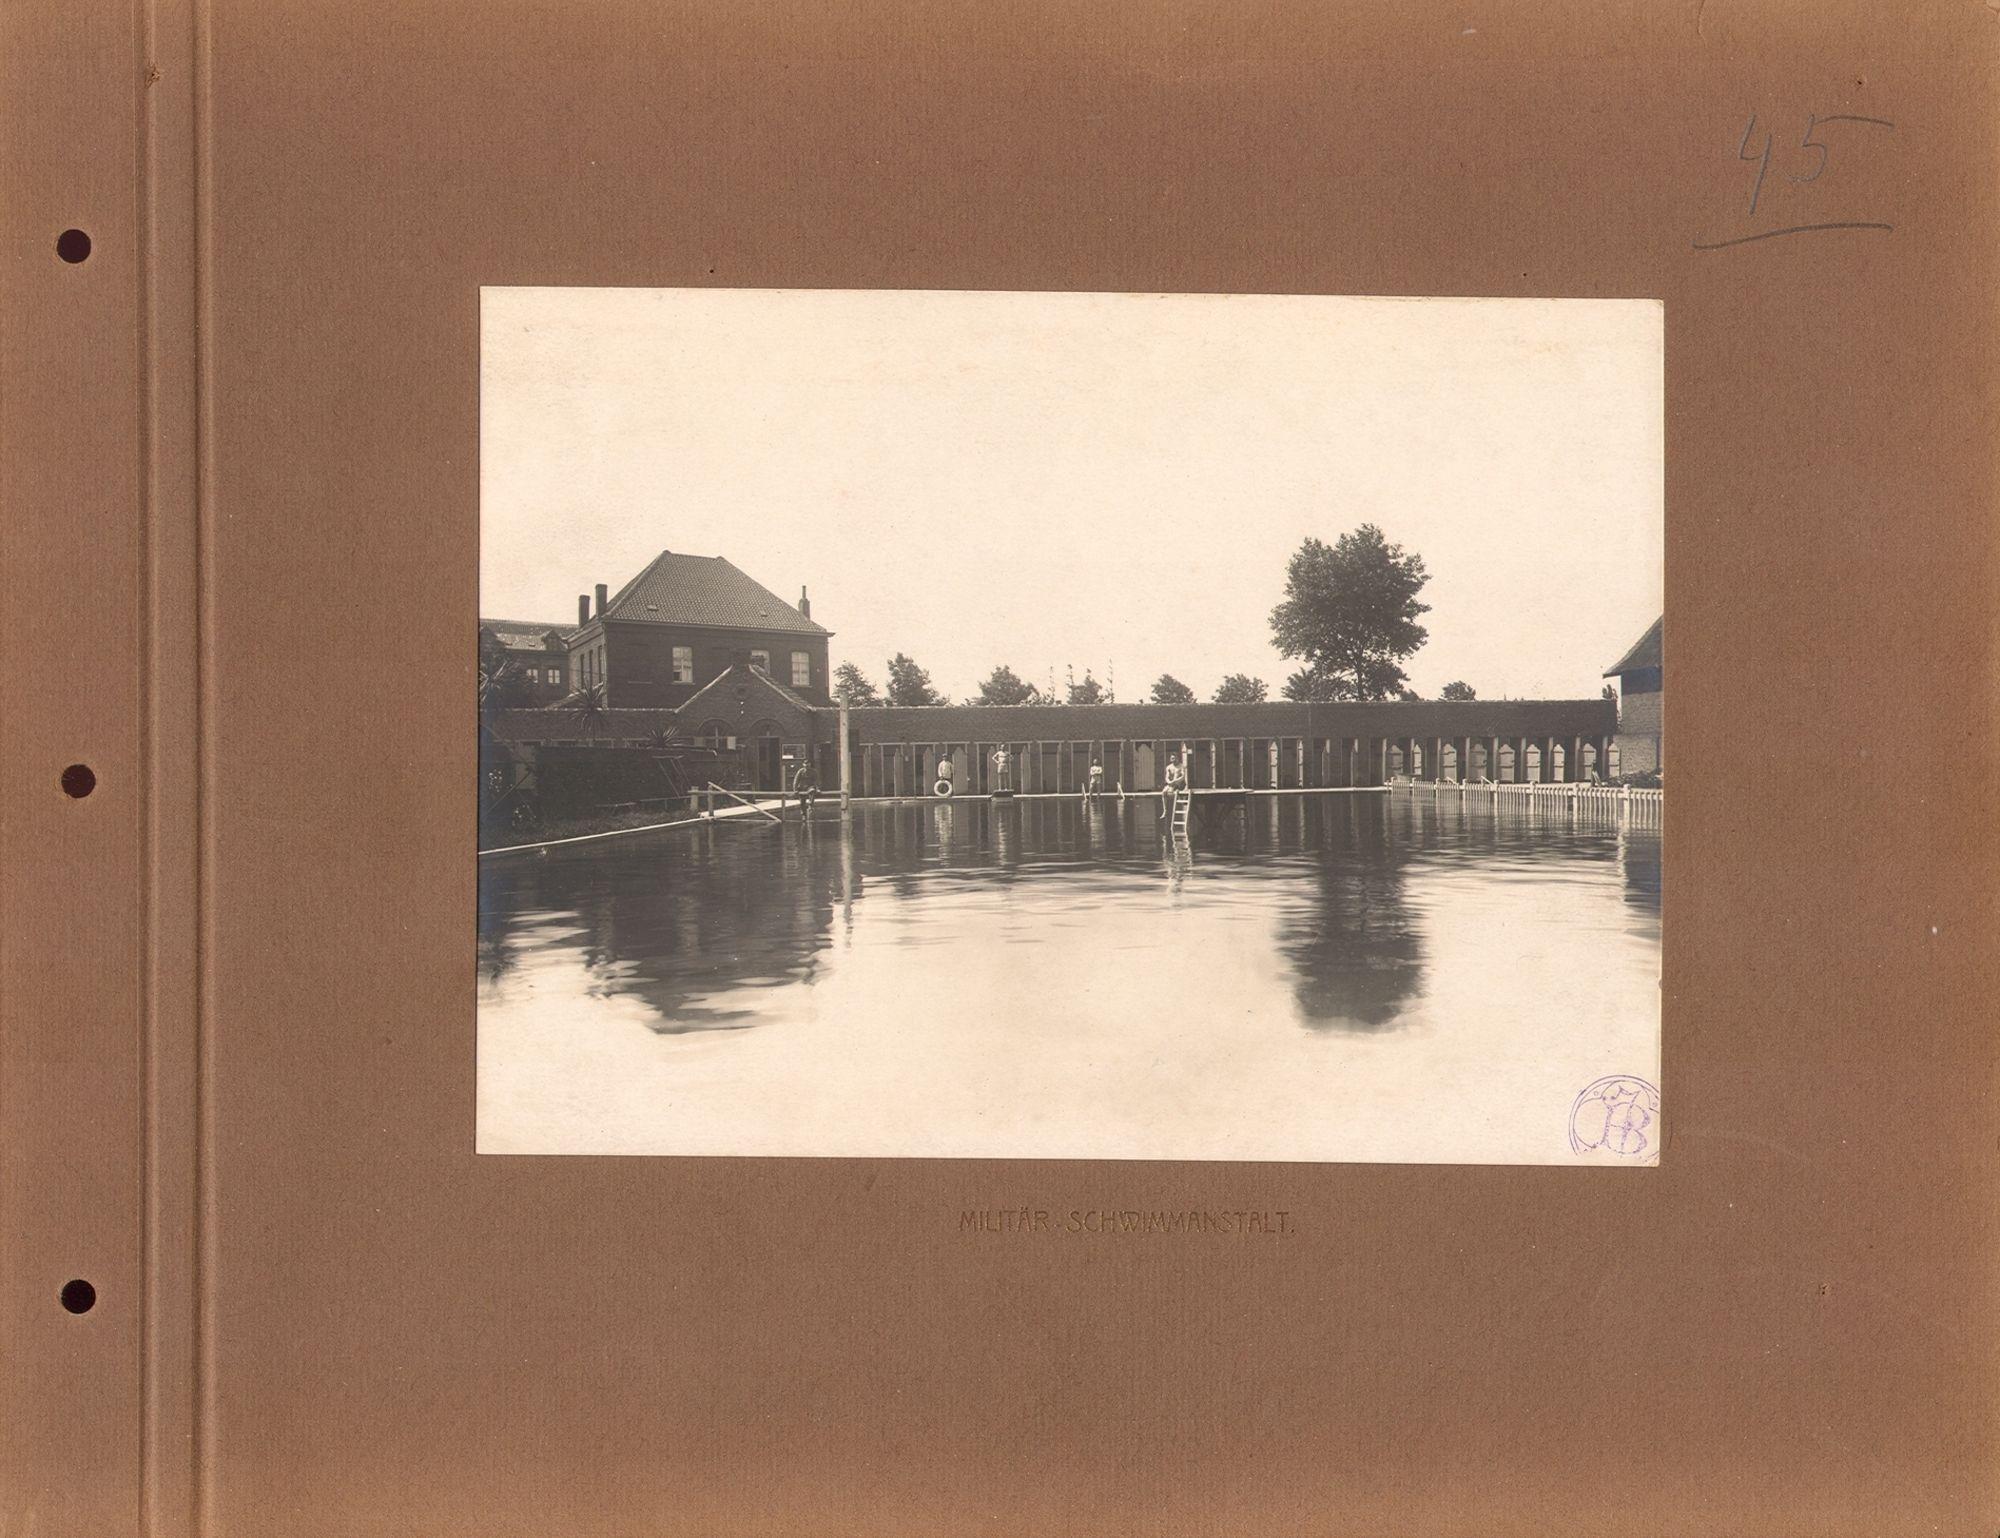 Zwembad Abdijkaai